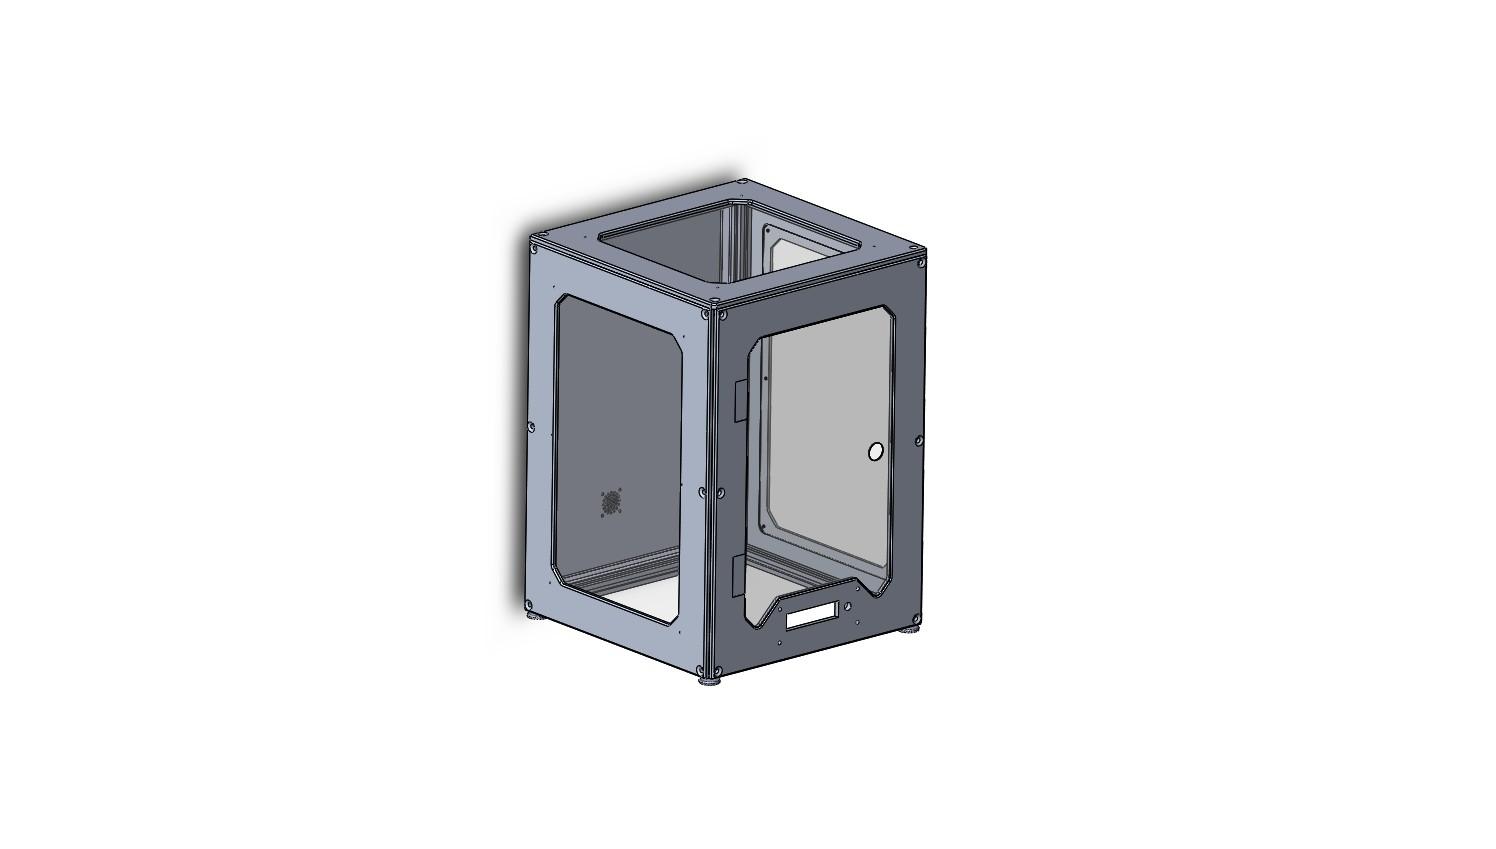 Разработка корпуса 3d-принтера